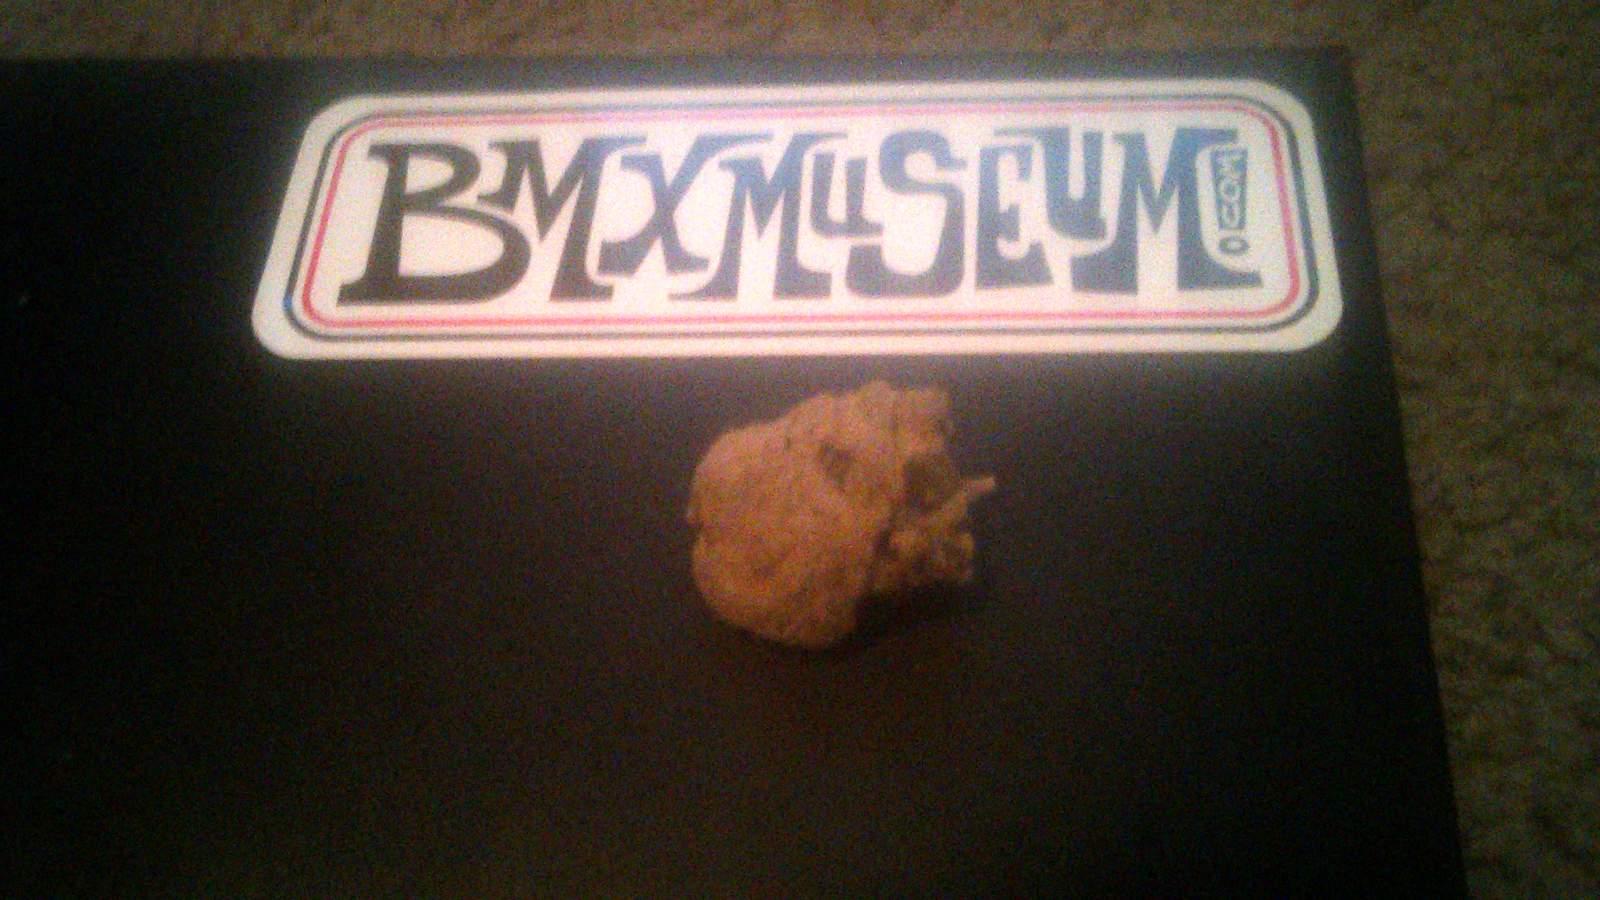 https://s3.amazonaws.com/uploads.bmxmuseum.com/user-images/215753/imag05185693e13de4.jpg